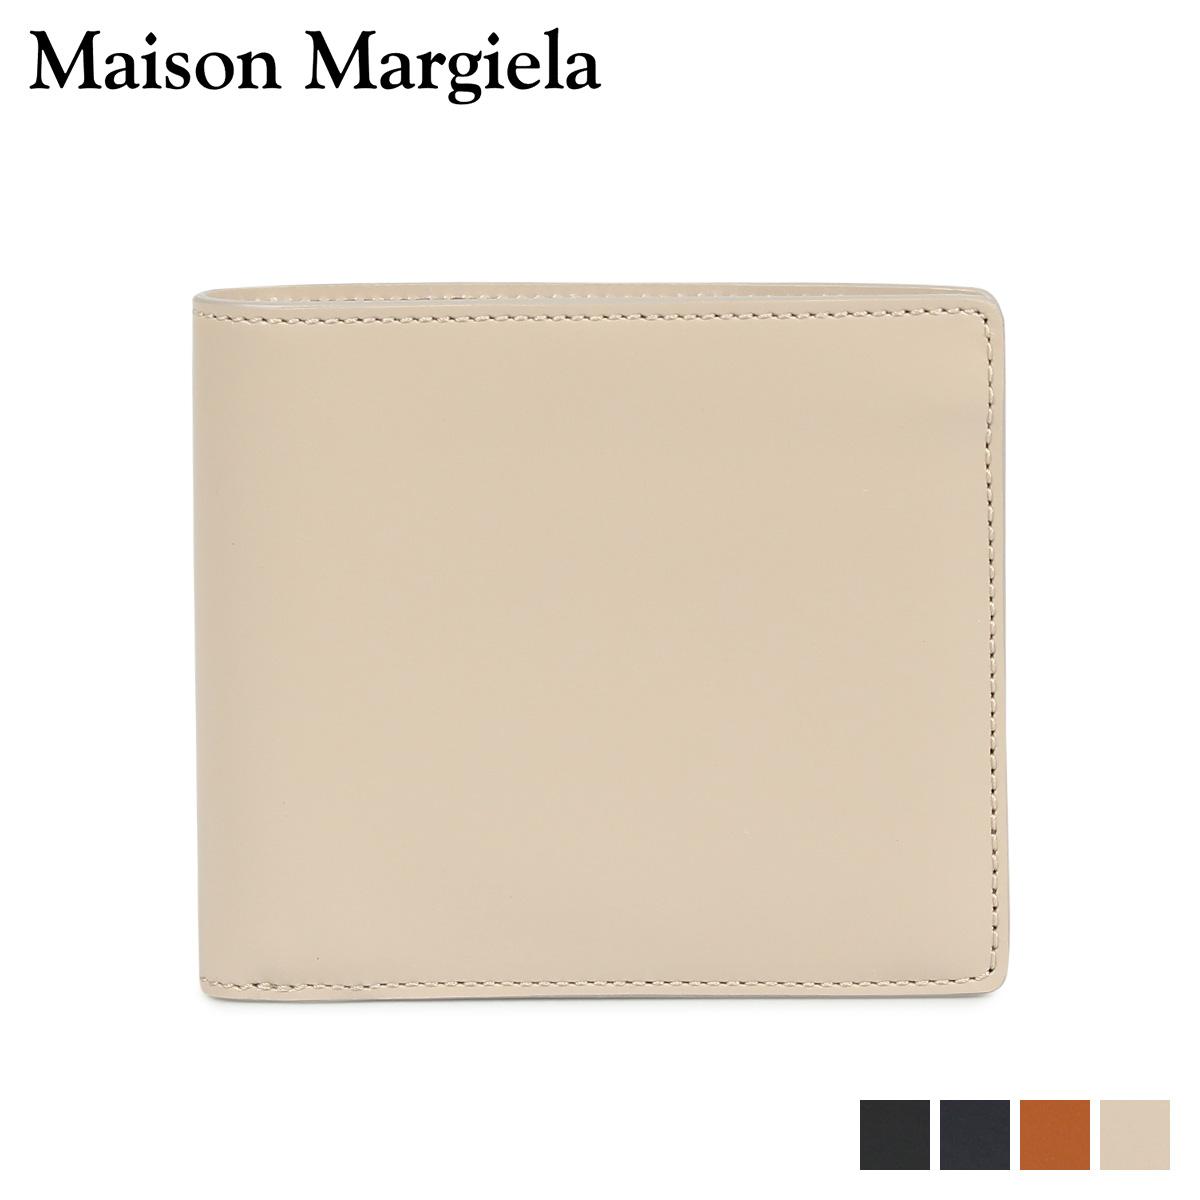 MAISON MARGIELA BI-FOLD WALLET メゾンマルジェラ 財布 二つ折り メンズ レディース レザー ブラック ダーク ネイビー ベージュ ブラウン 黒 S35UI0435 P2714